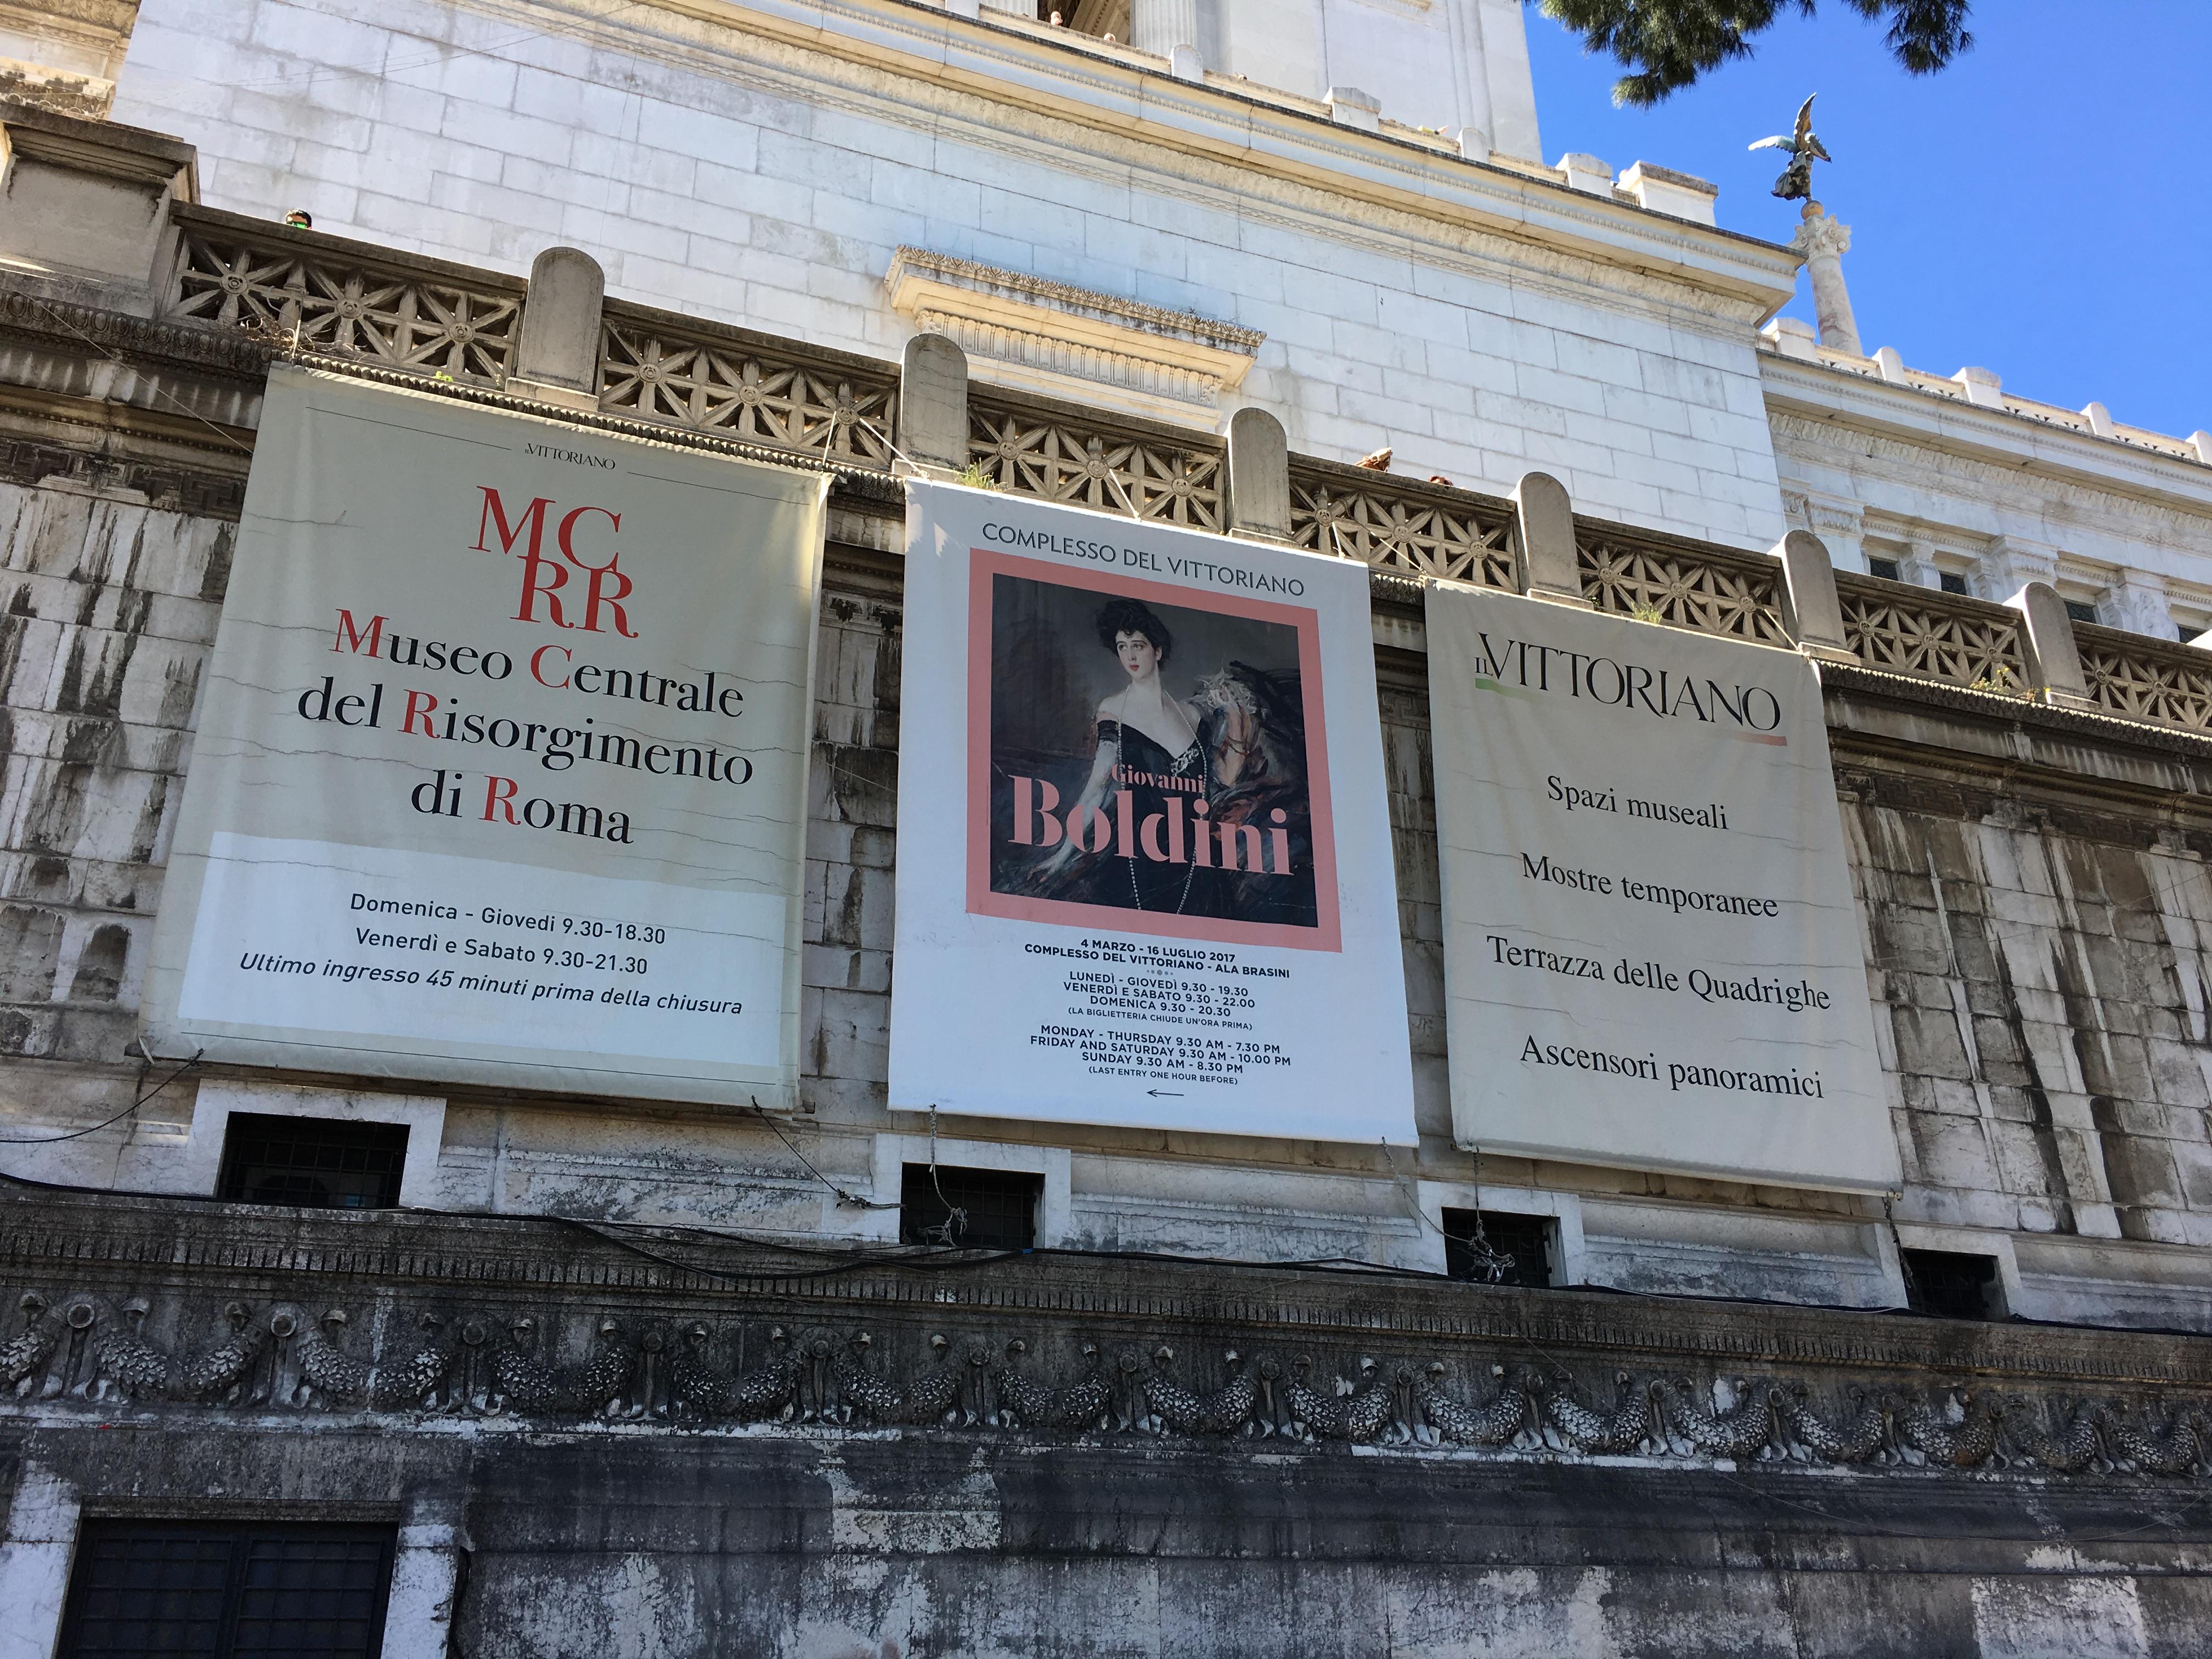 Giovanni Boldini. Immenso divertimento, di Matteo Tuveri (www.mockupmagazine.it)